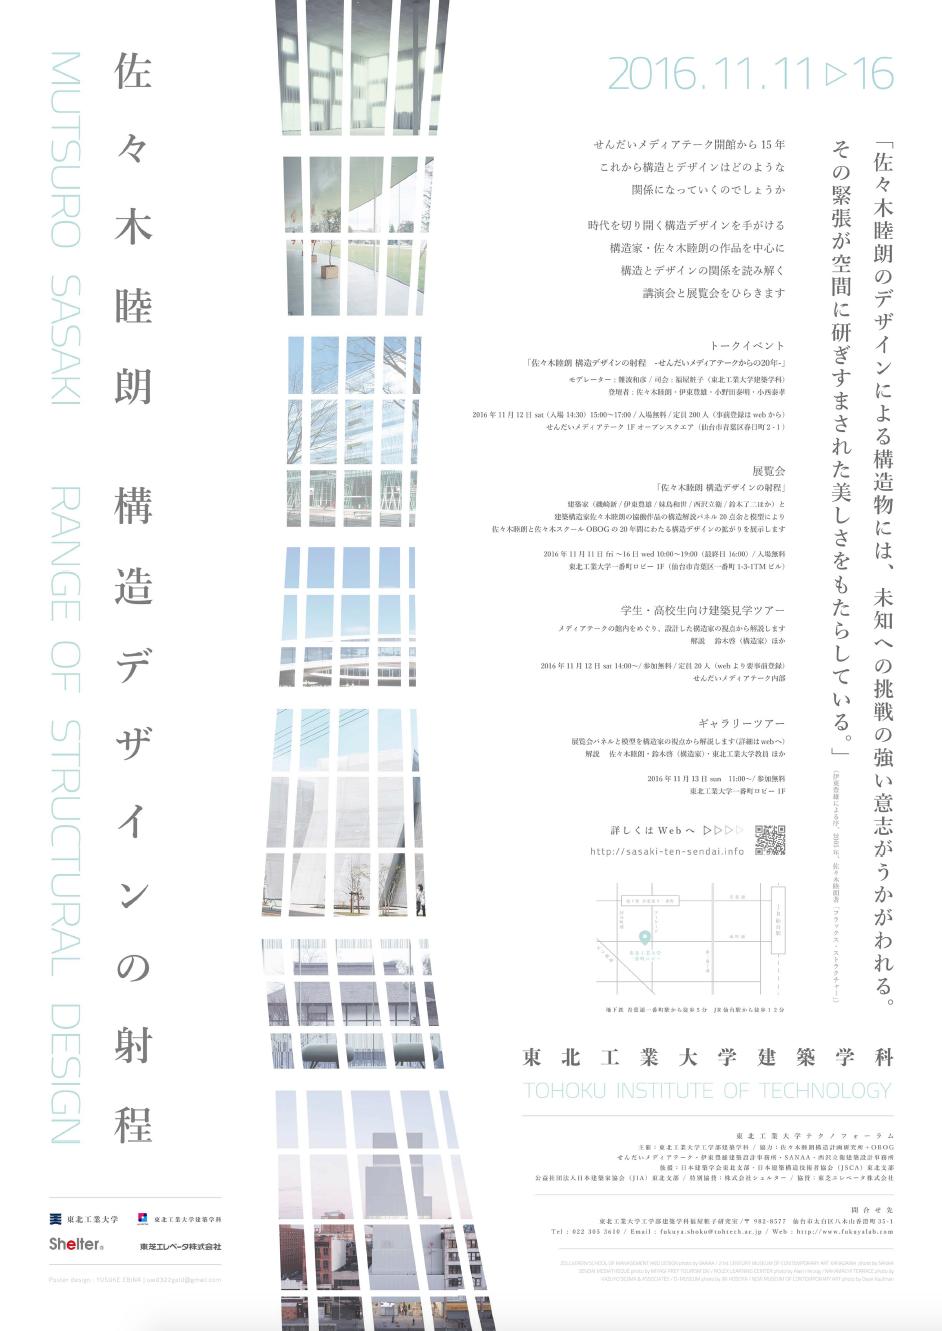 佐々木睦朗構造デザインの射程ポスター